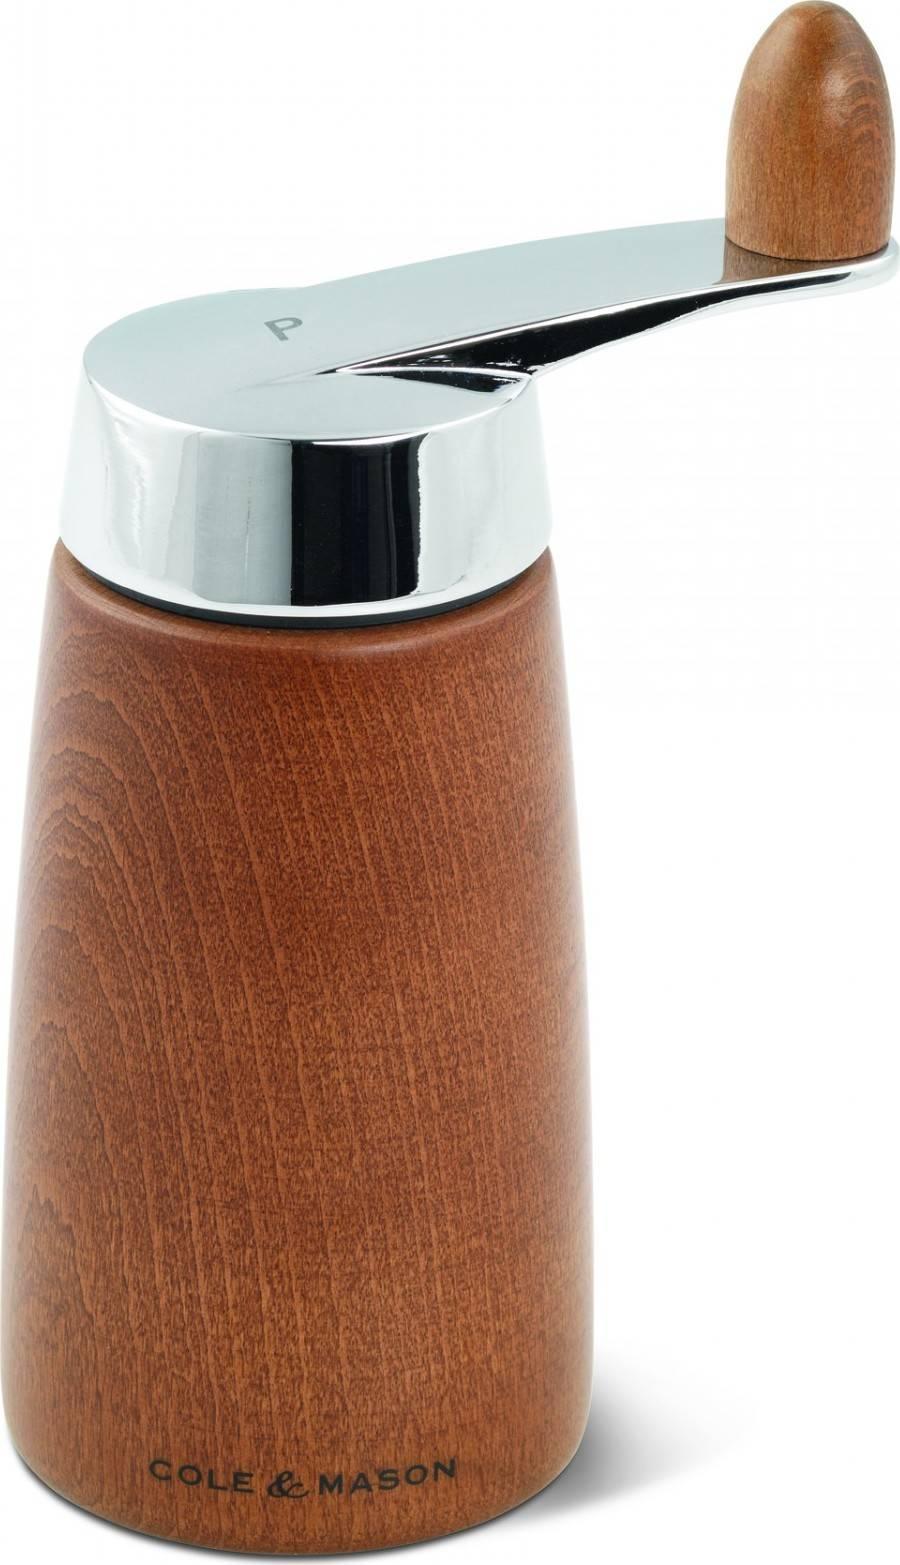 Cole & Mason MORLEY CRANK ořechová barva, mlýnek na pepř, 165 mm H300821 DKB Household UK Limited